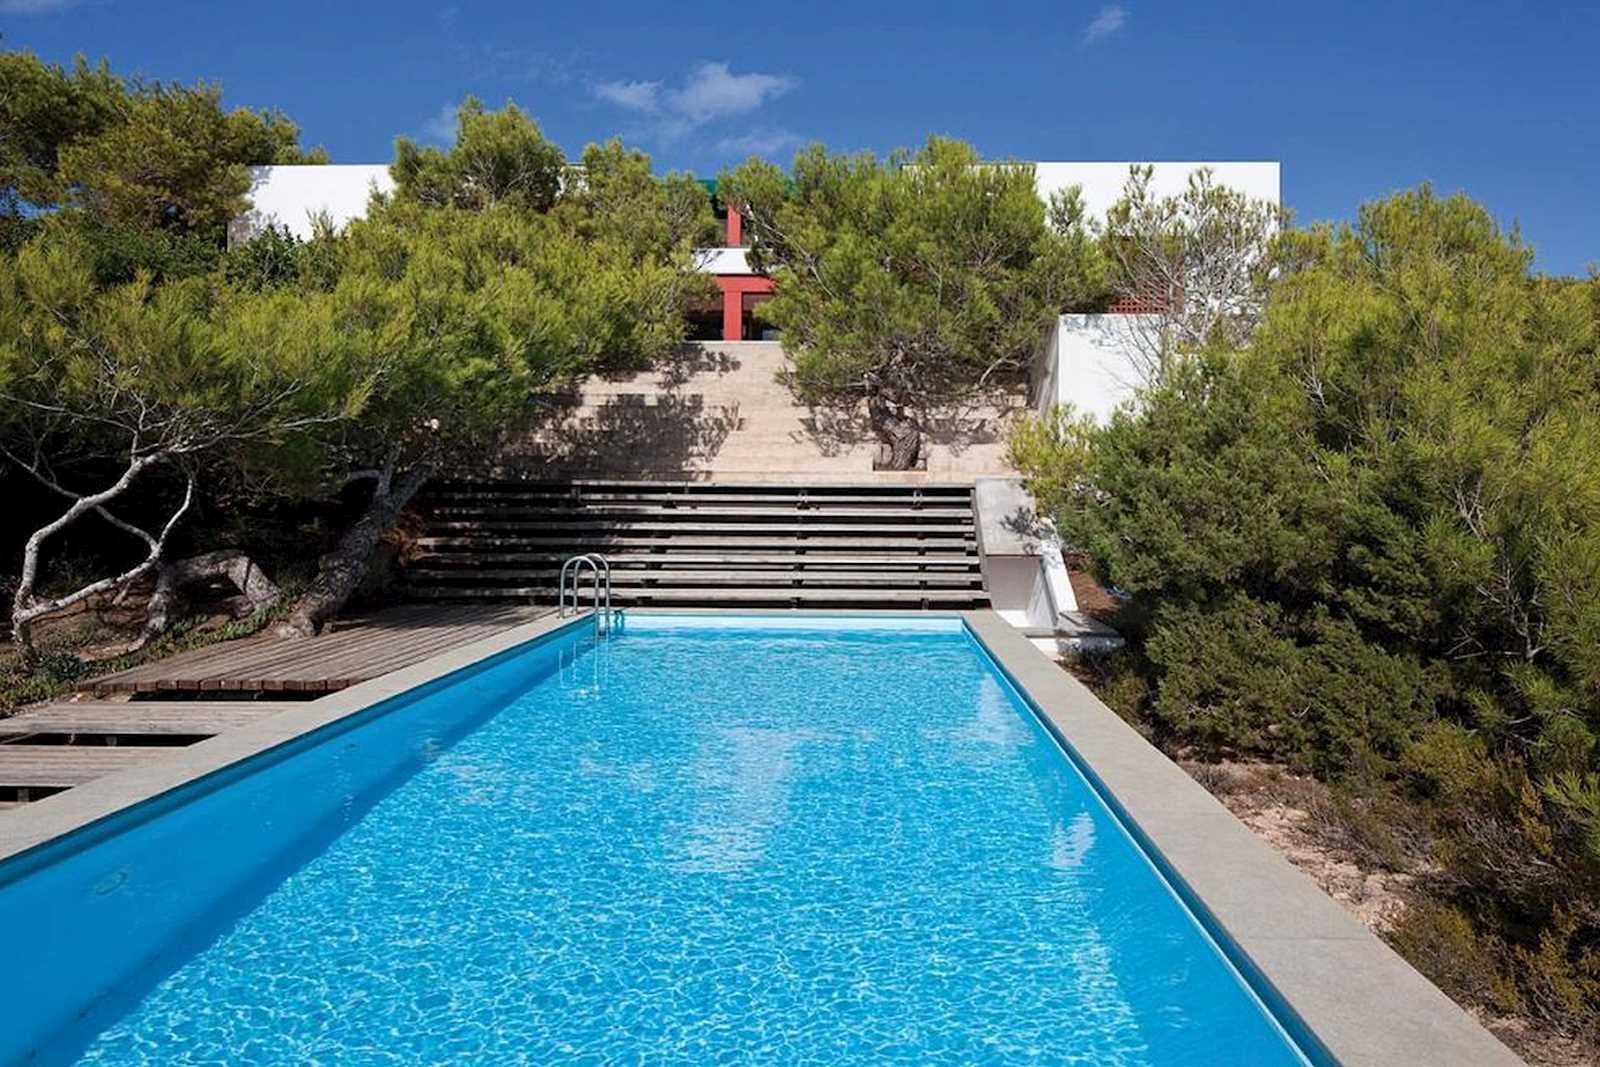 6 sypialnia Willa na kwatery wakacyjne w Gmina Formentera  z basenem garażem - 11 900 € (Ref: 3794478)